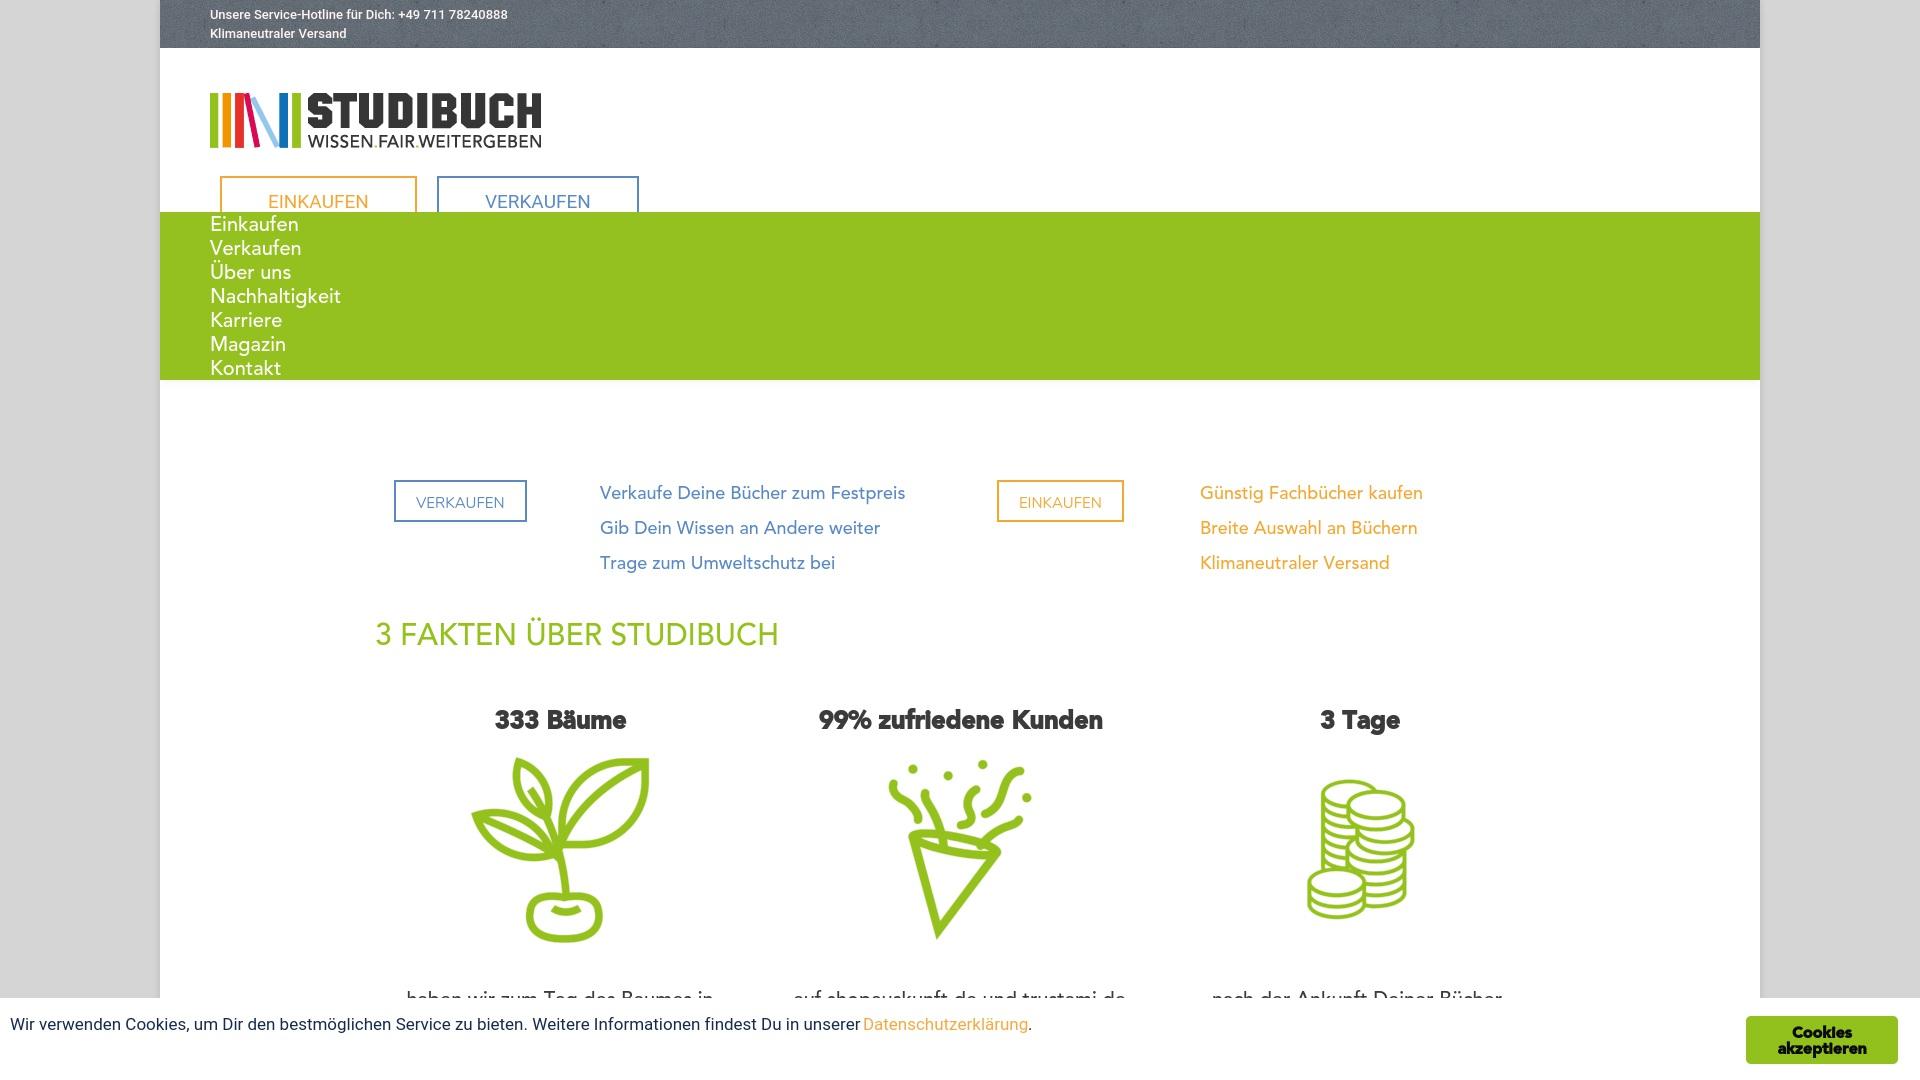 Gutschein für Studibuch: Rabatte für Studibuch sichern